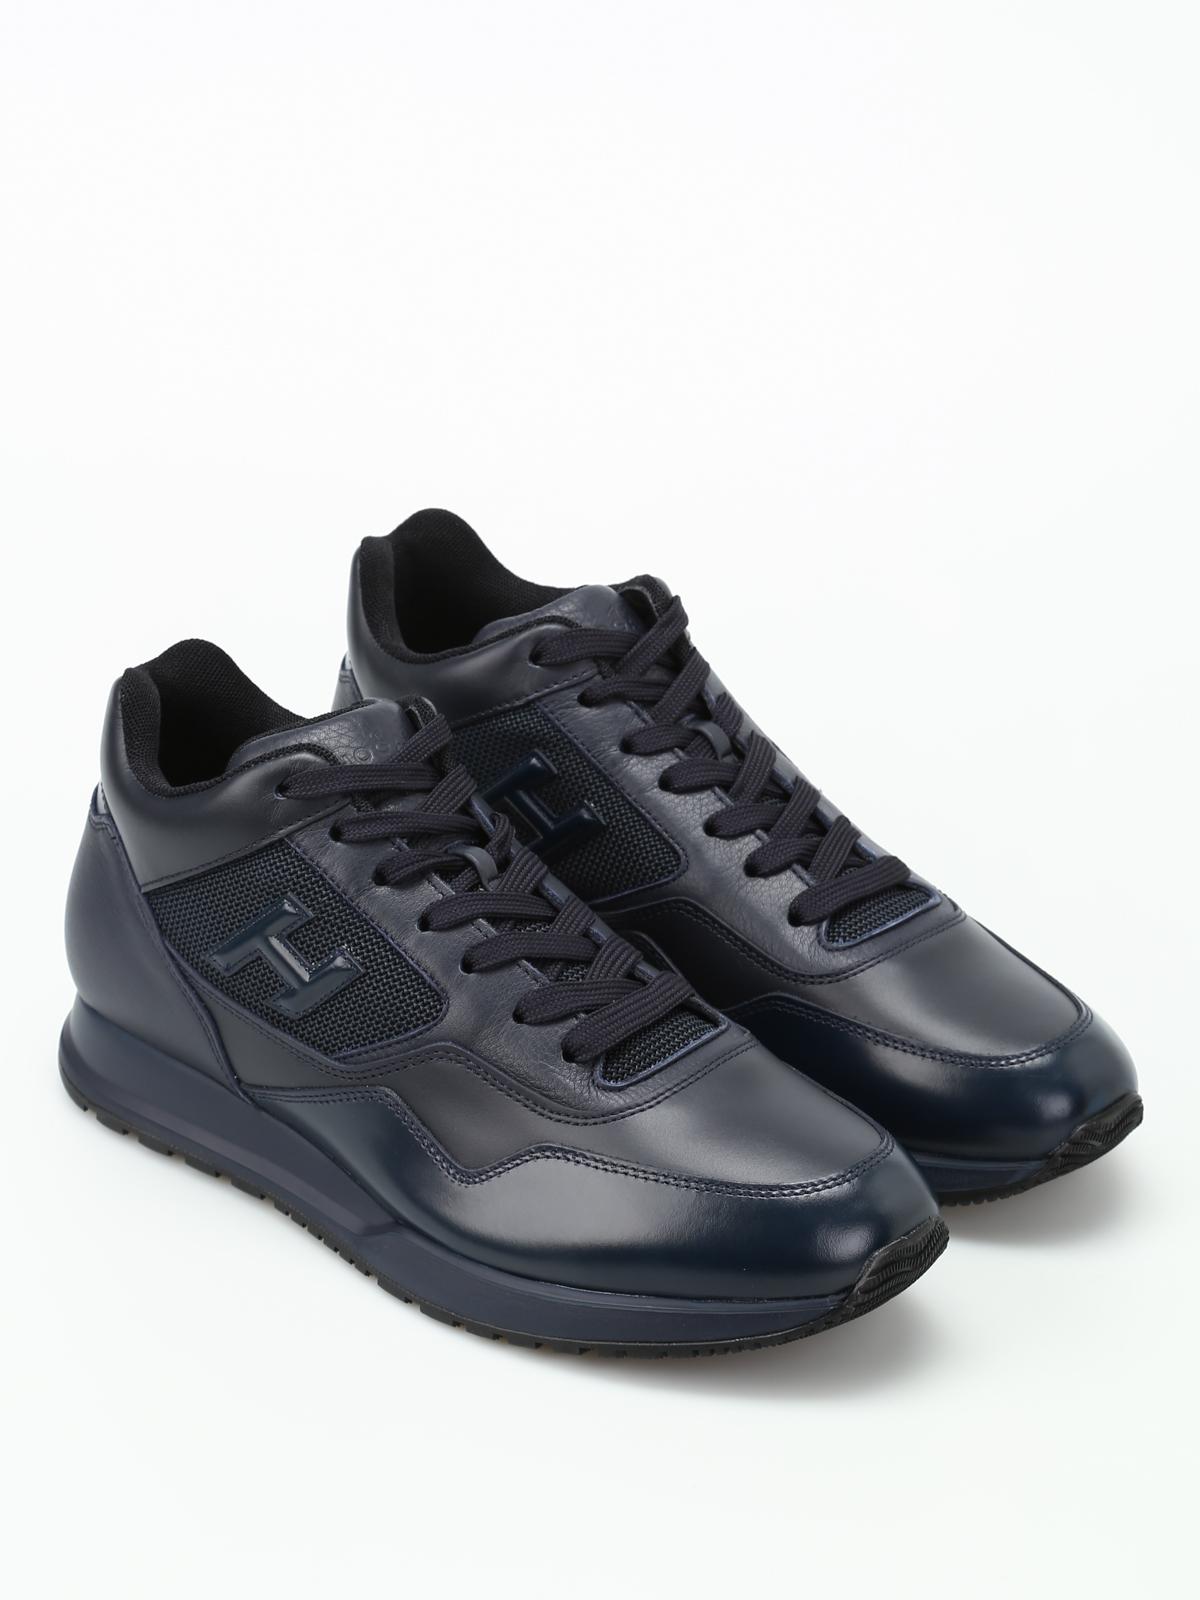 Sneakers Hogan - Polacco H321 in pelle bicolore - HXM3210Z880HUI813L